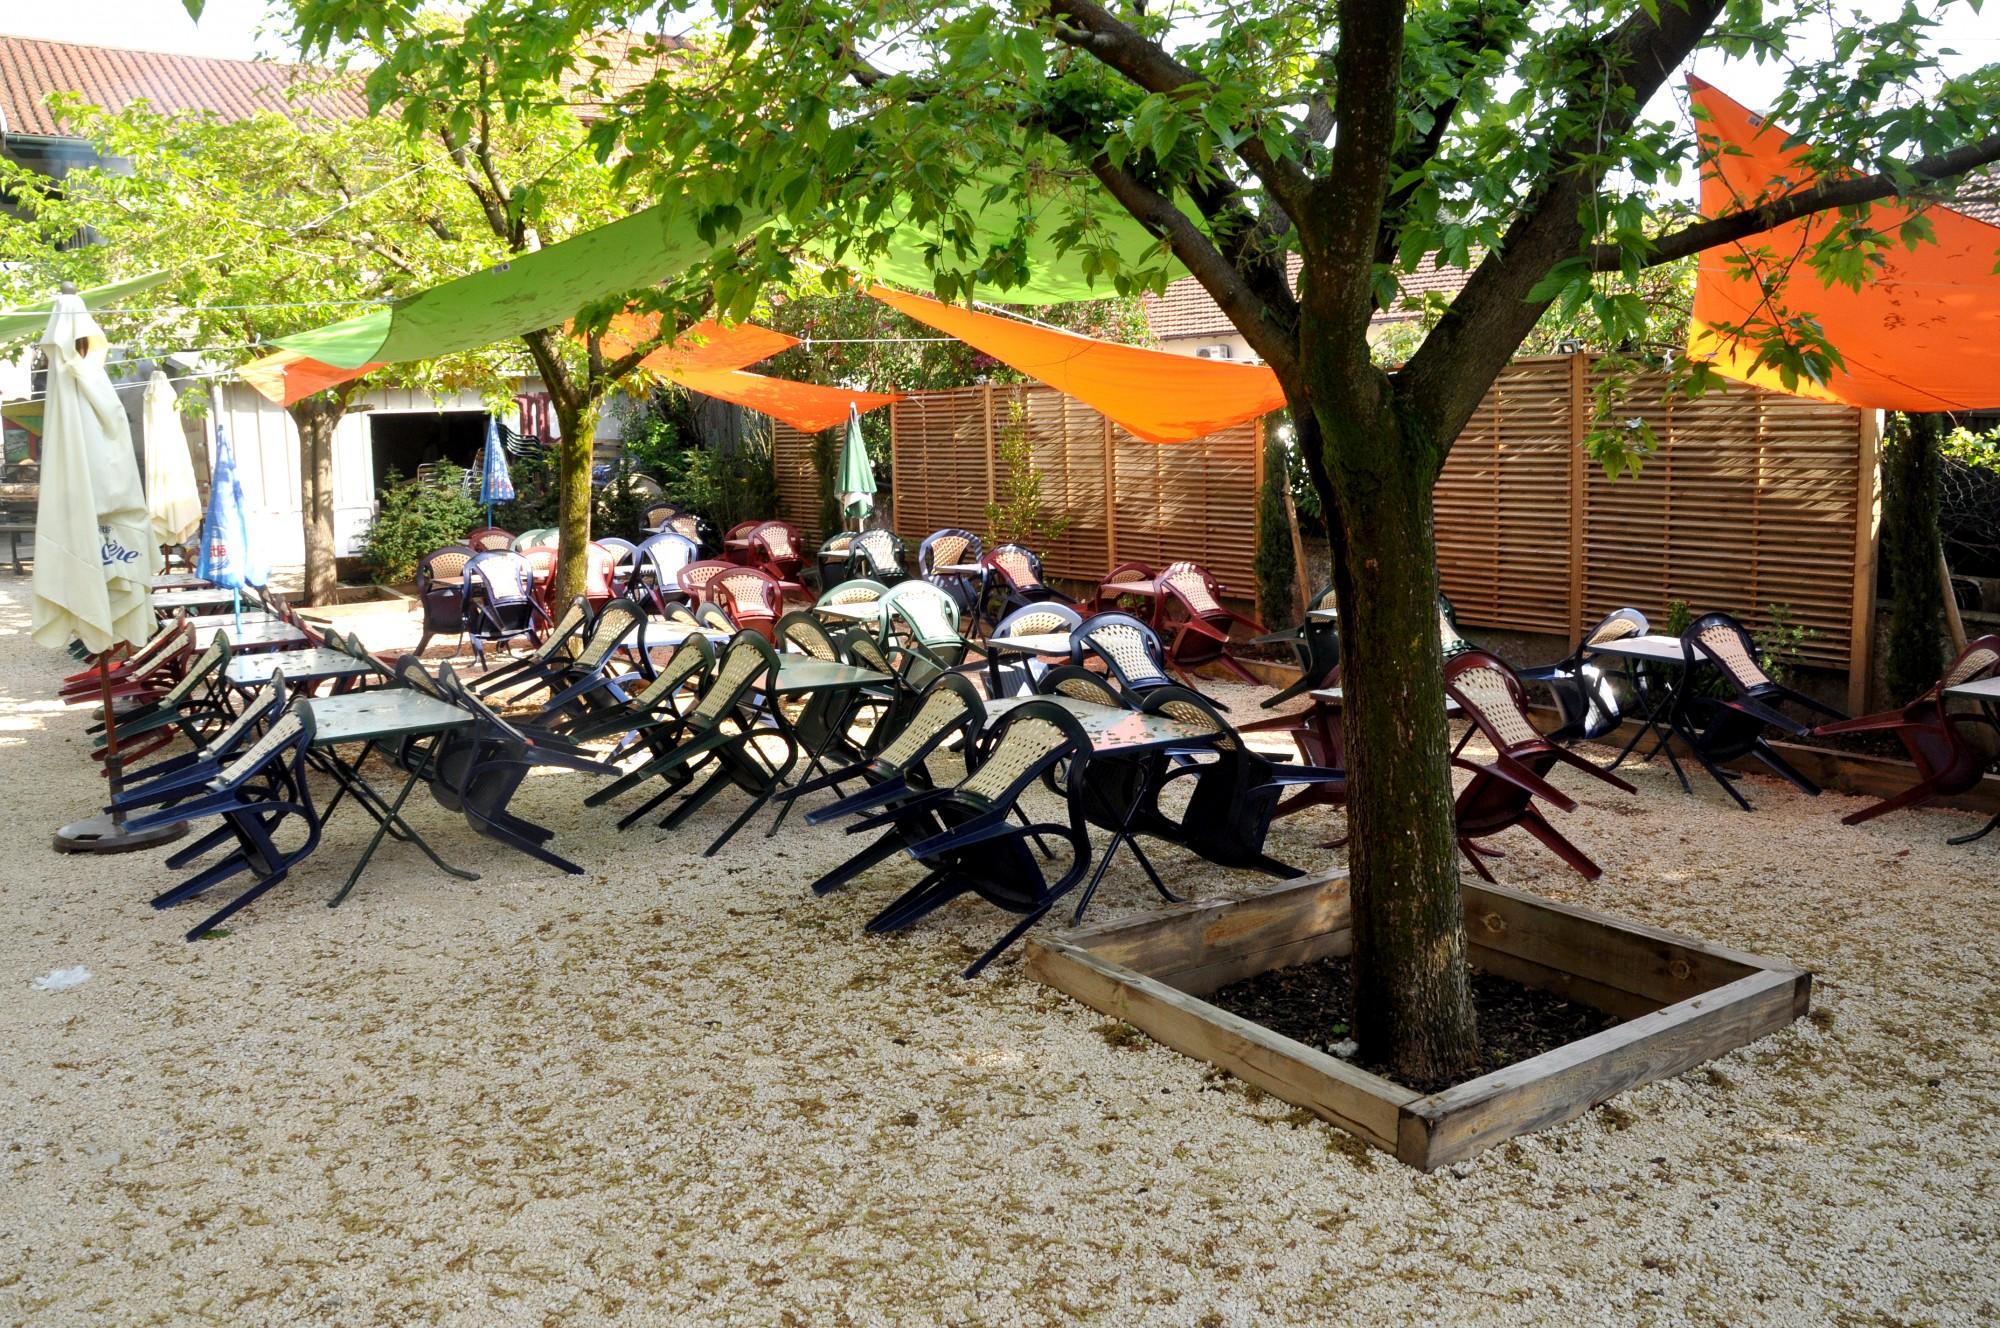 Nouveau jardin facile sabakunohana for Jardin facile